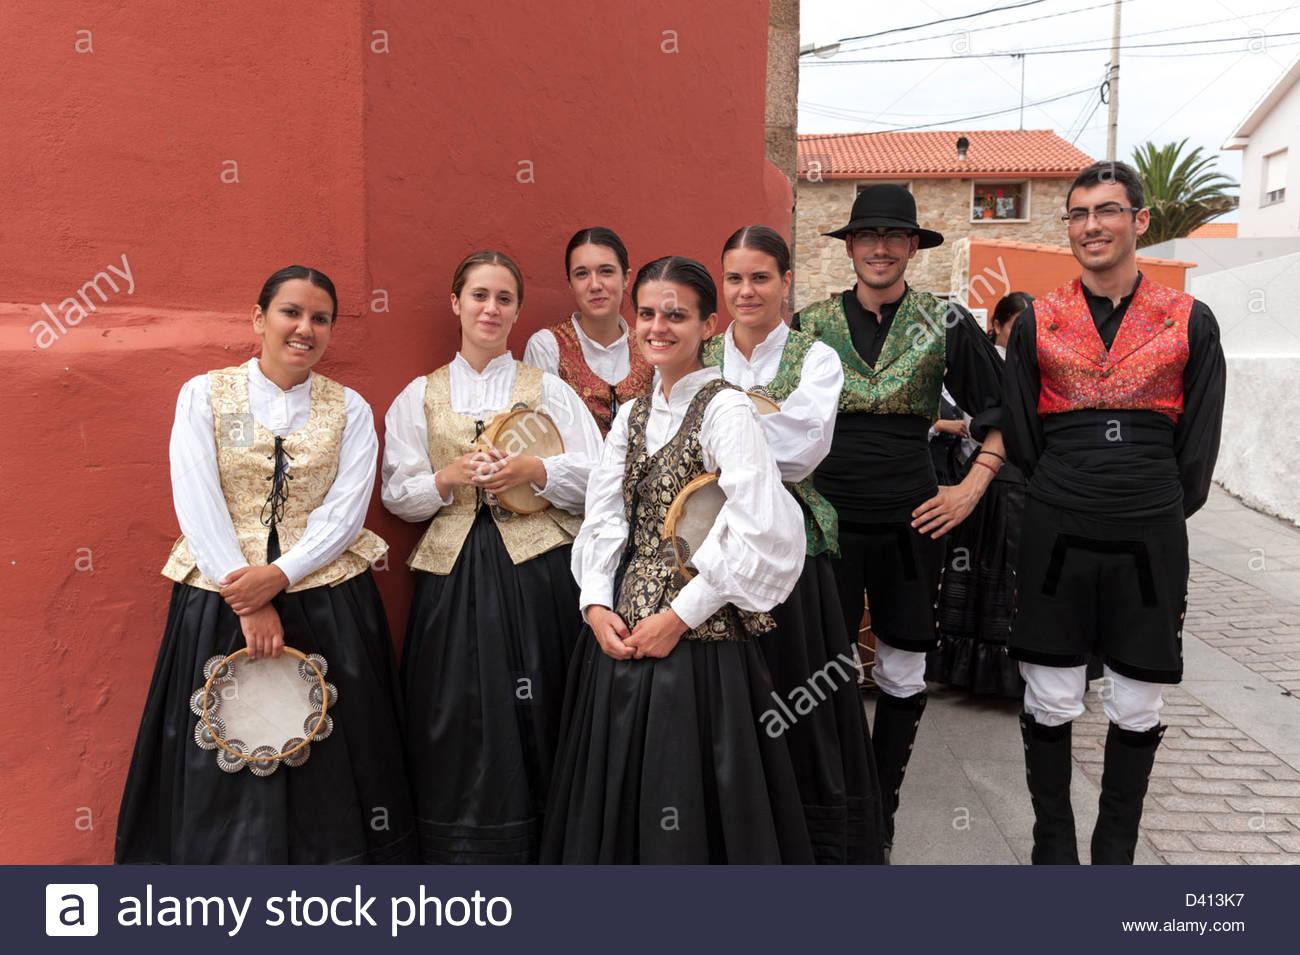 Danseurs folkloriques traditionnels en faisant une pause pendant les fêtes annuelles, Corrubedo, Galice, Espagne Photo Stock